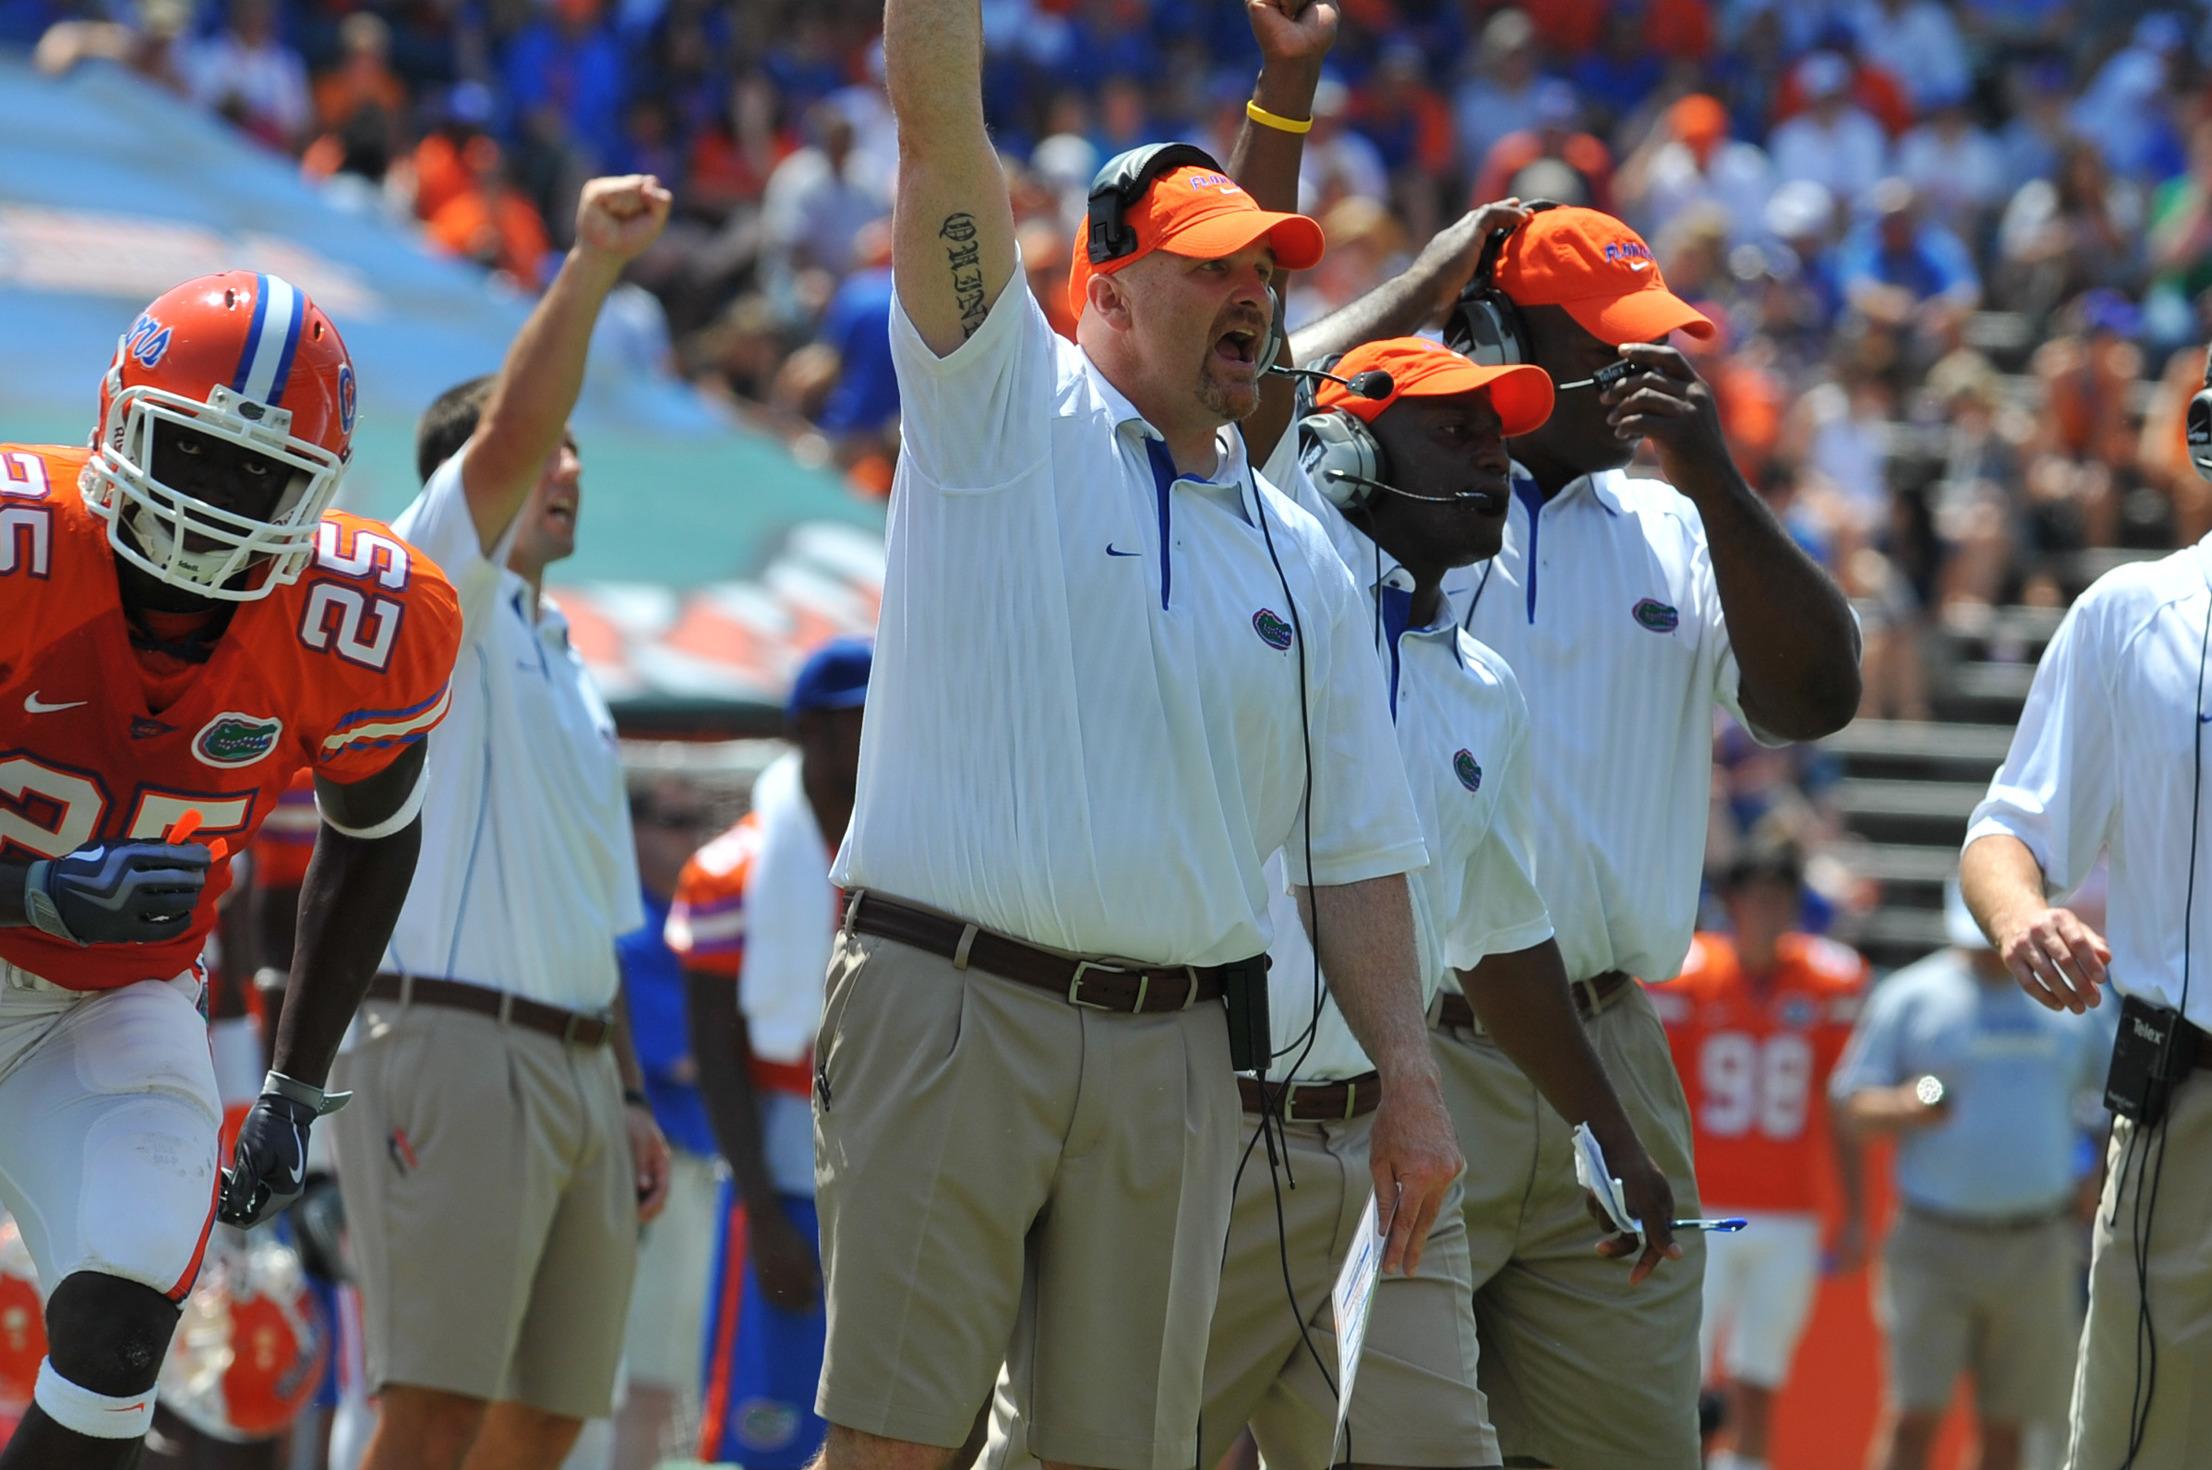 Florida Football Meet Dan Quinn Defensive Coordinator Of The Gators Bleacher Report Latest News Videos And Highlights